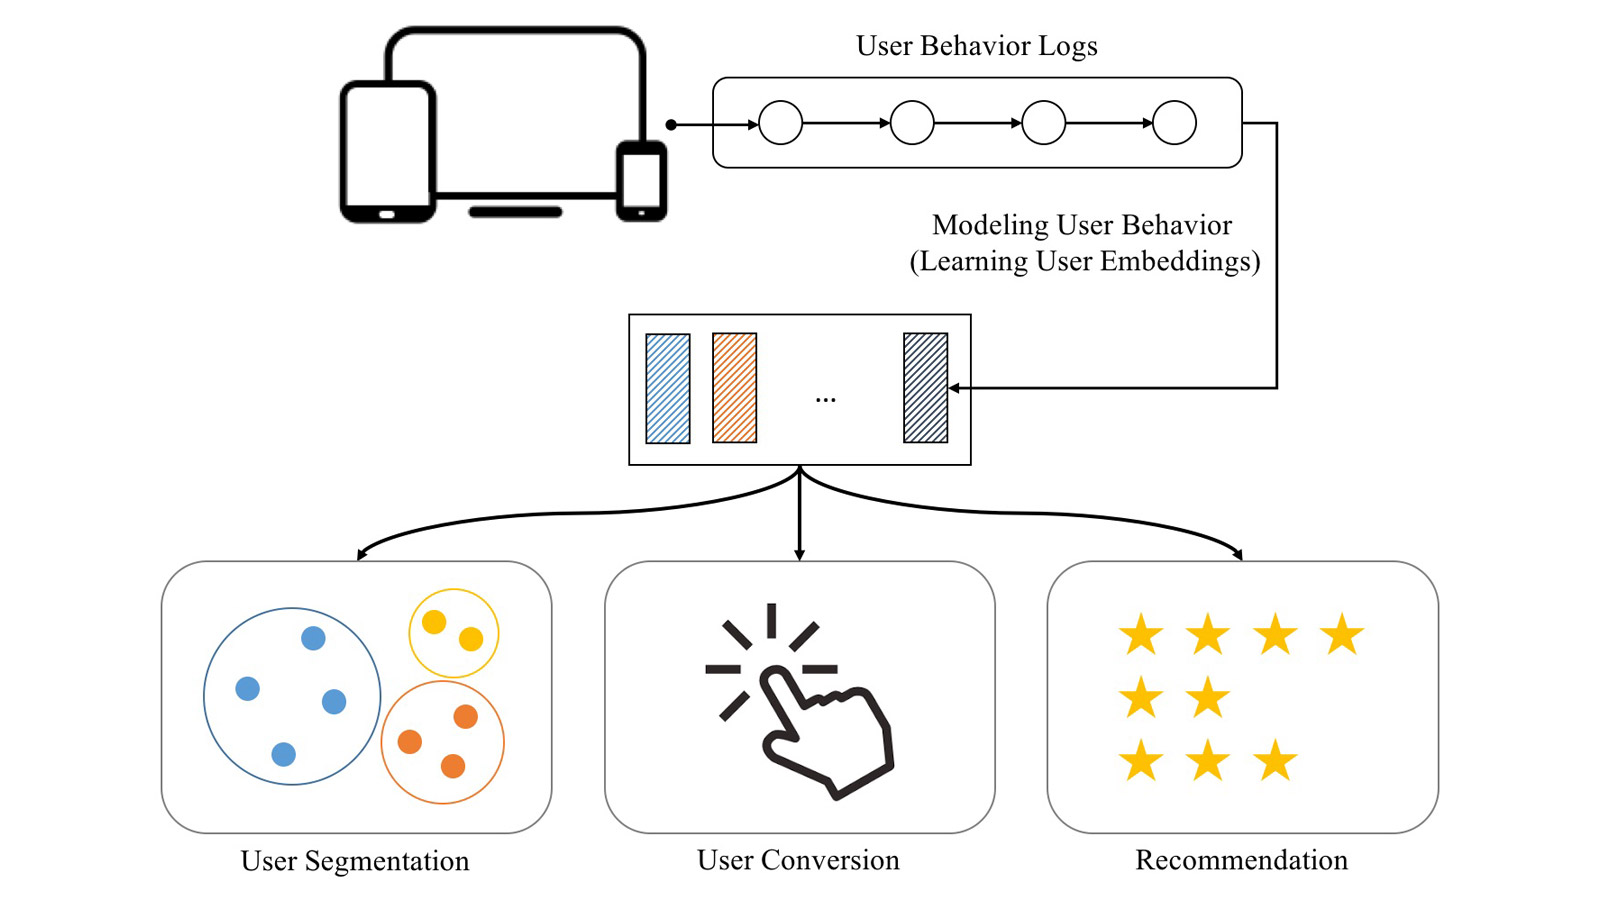 ردیابی و تحلیل رفتار کاربر